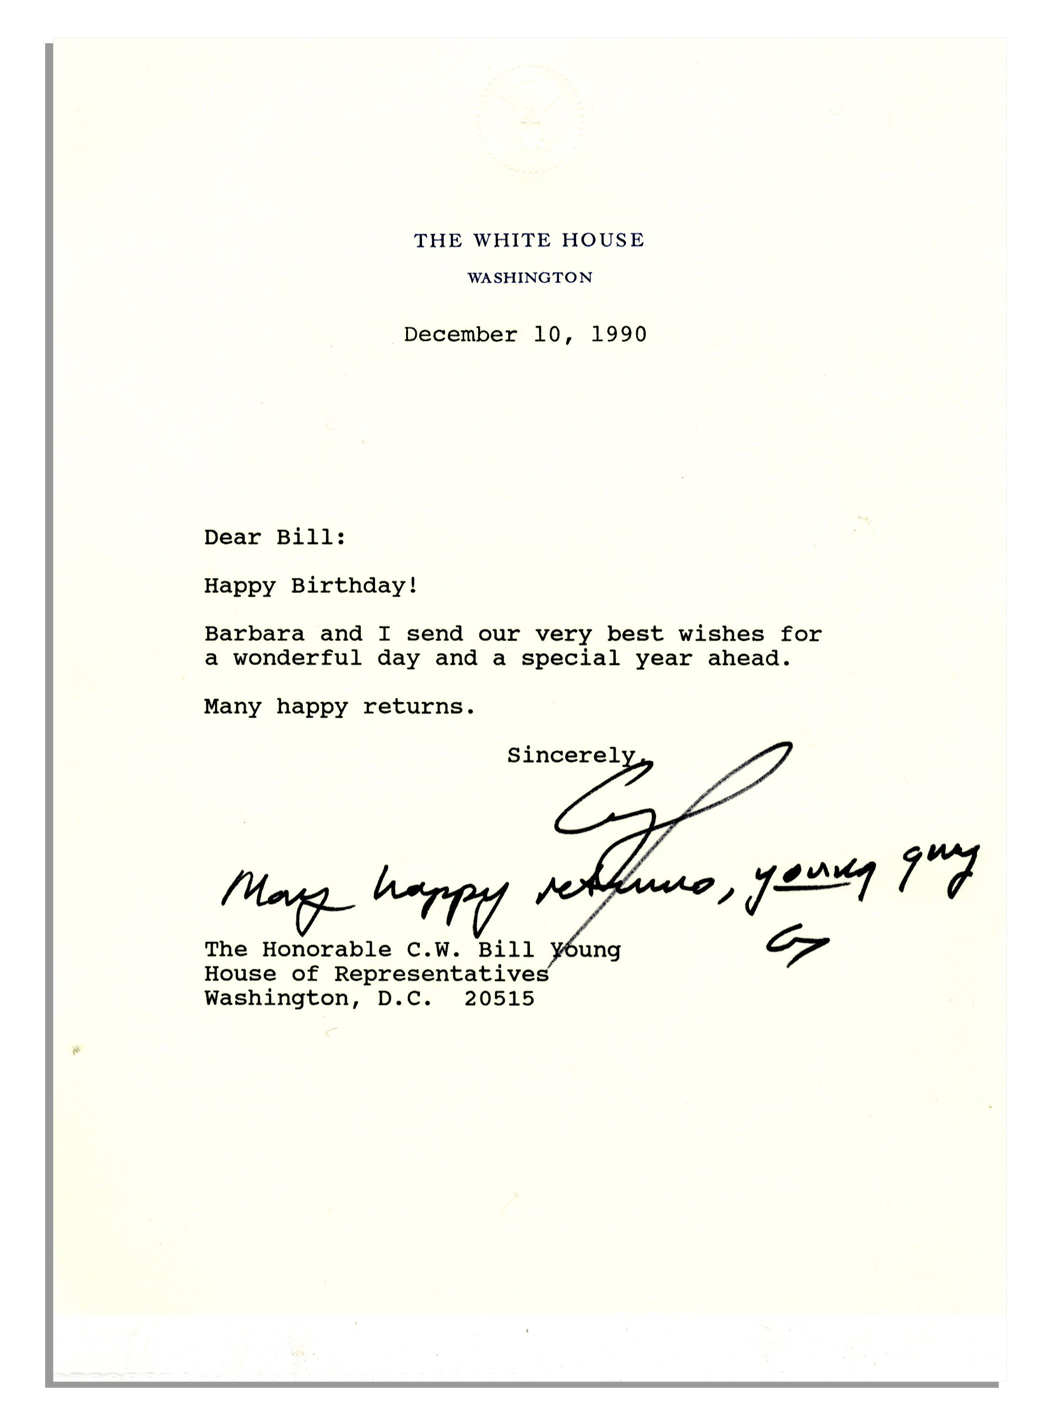 As President George HW Bush Sends Birthday Wishes Via A